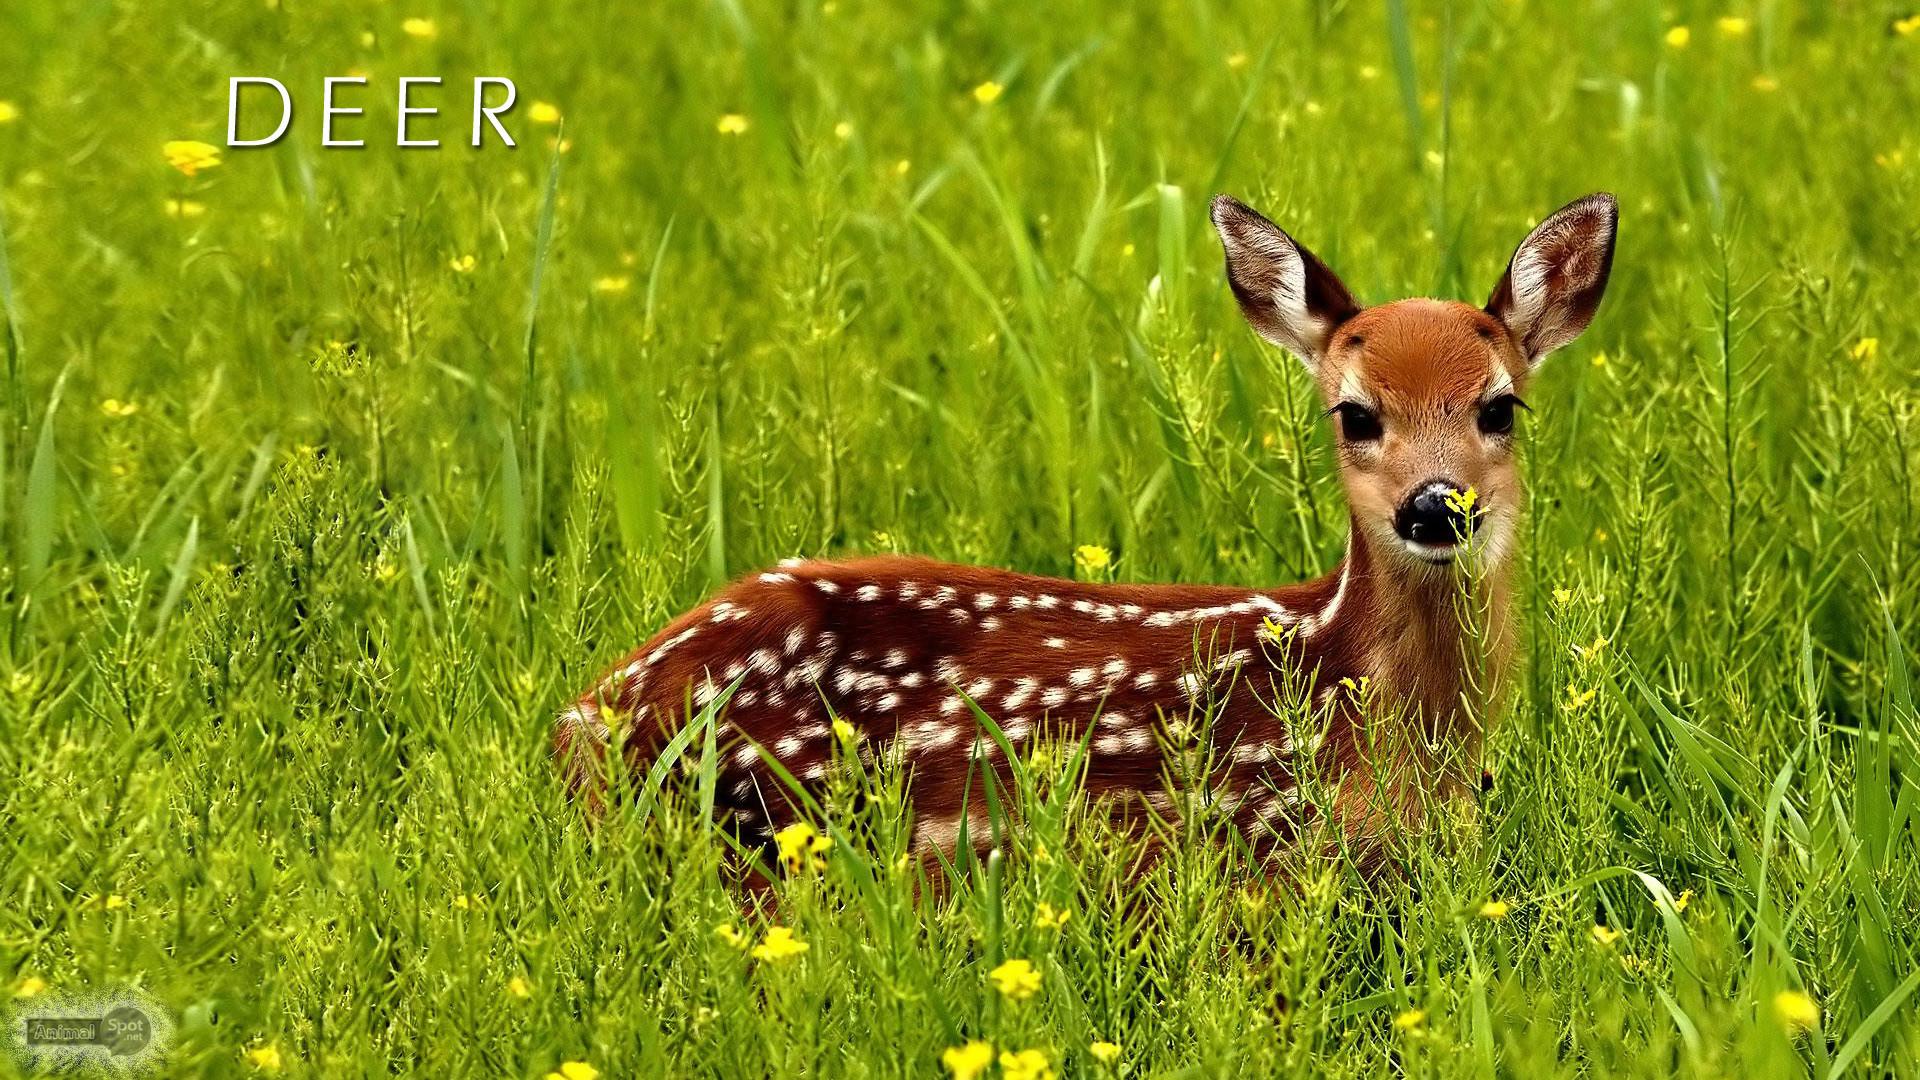 Deer Desktop Backgrounds (59+ images)